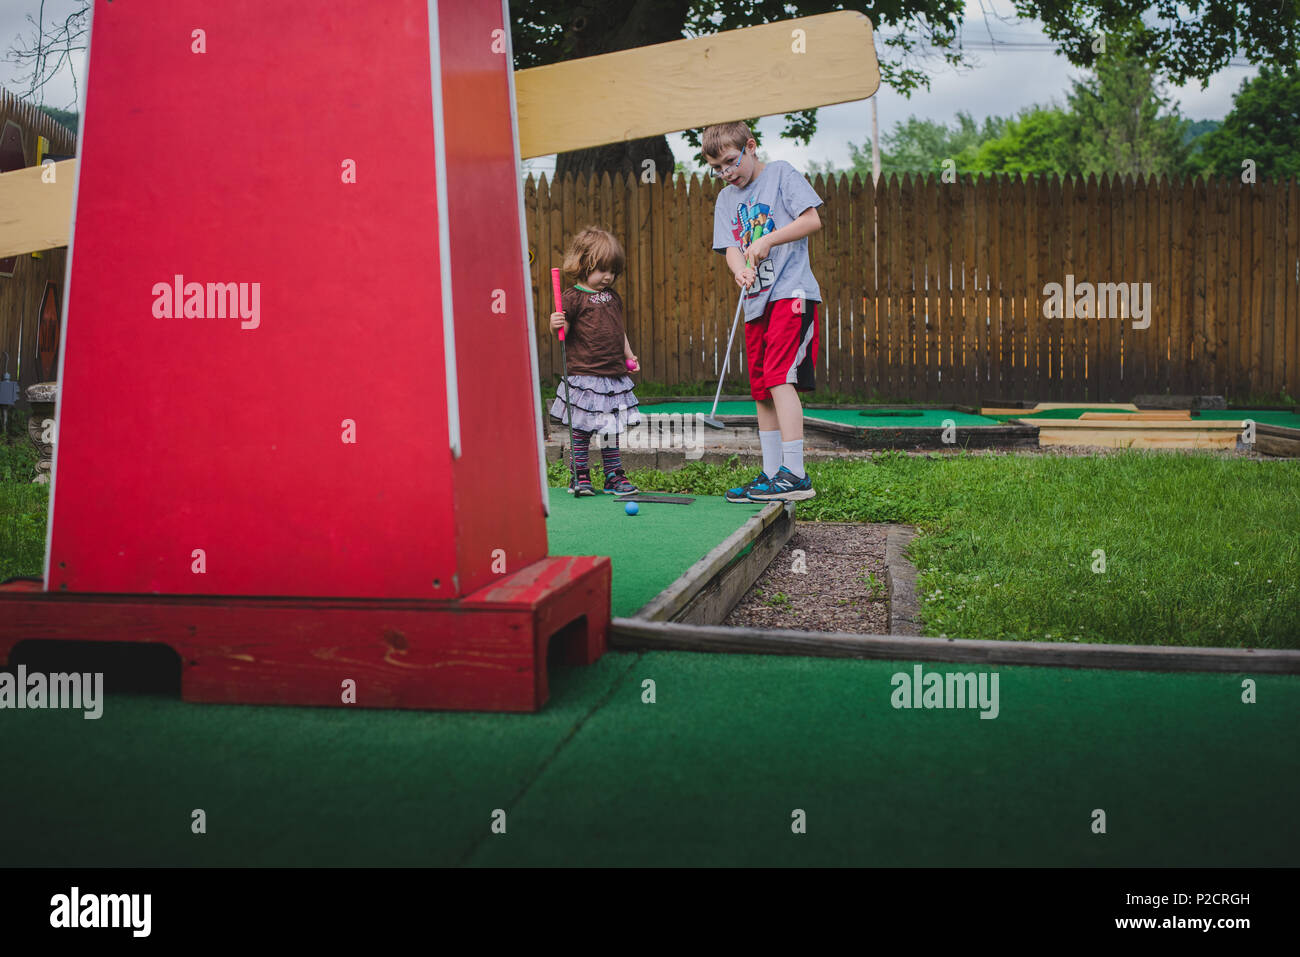 Una niña juega minigolf en clima cálido. Imagen De Stock